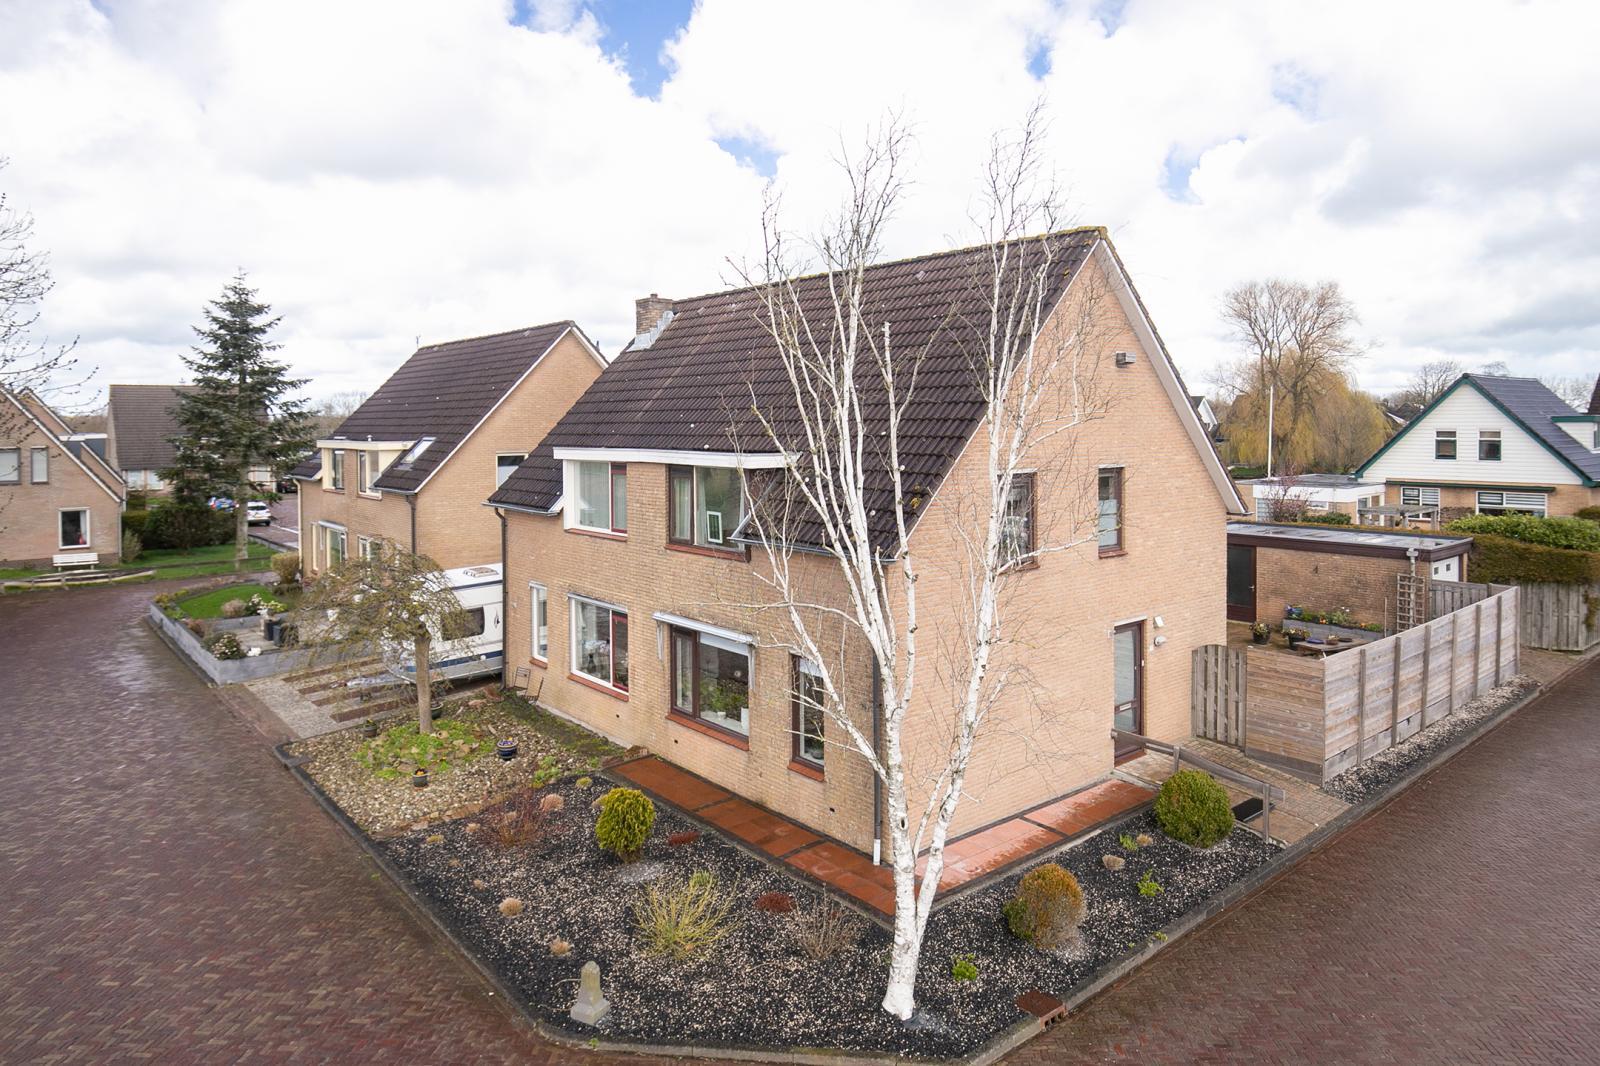 zeino-van-burmaniastrjitte-15-oppenhuizen-1090